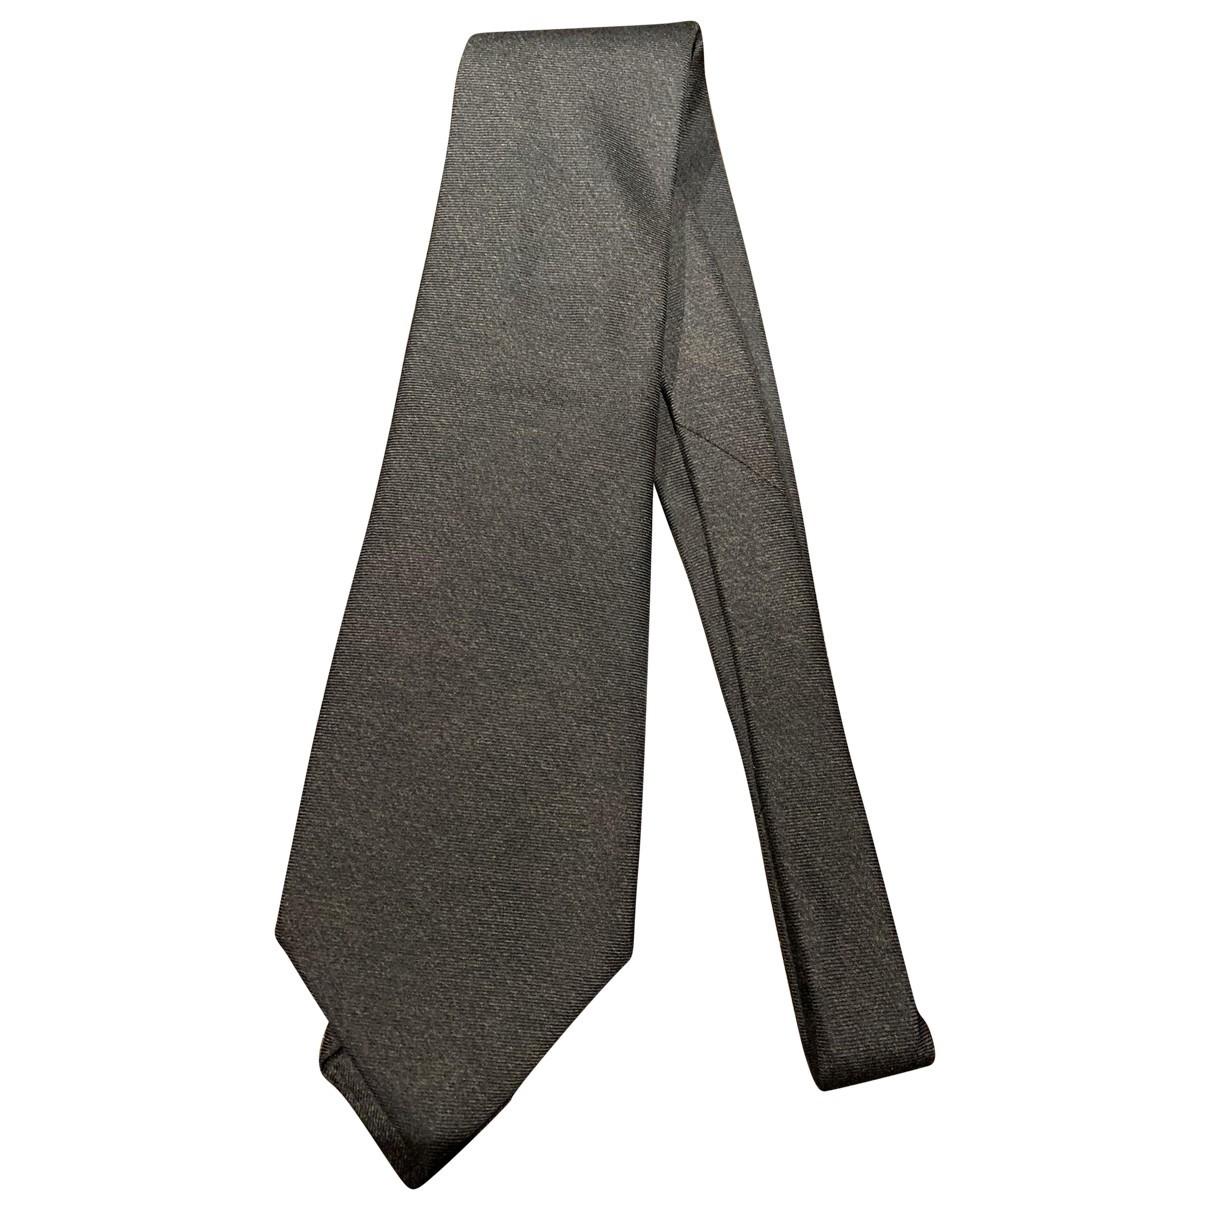 Bvlgari - Cravates   pour homme en cachemire - marron